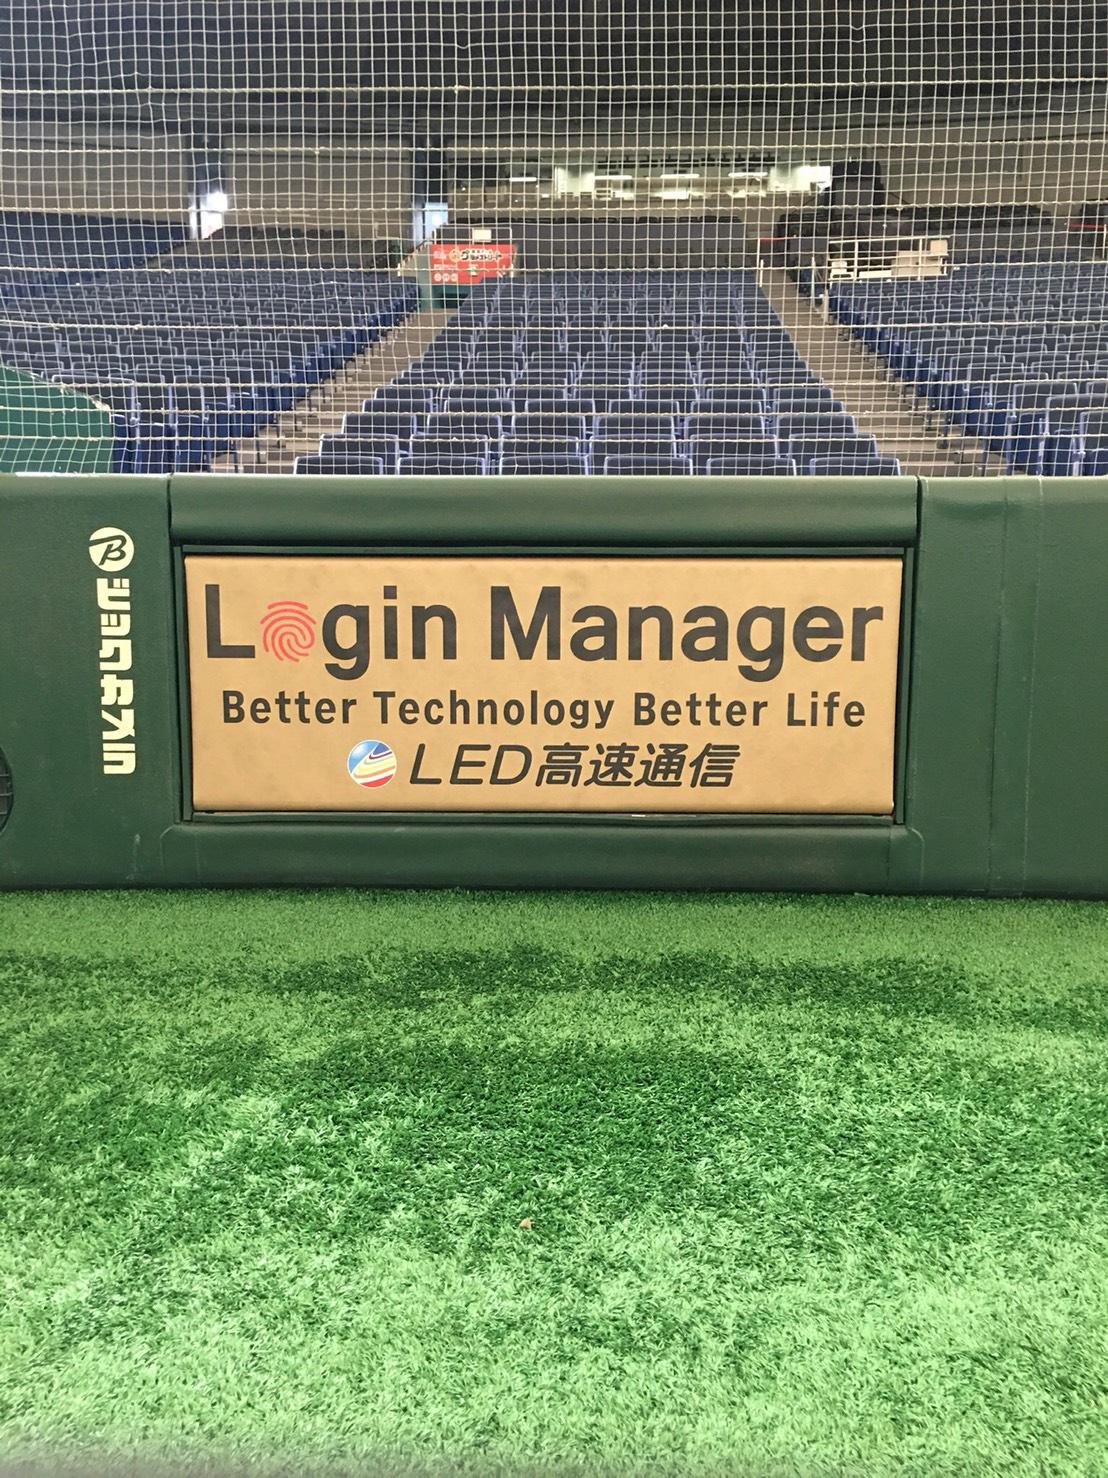 東京ドームバックネット裏 Login Manager